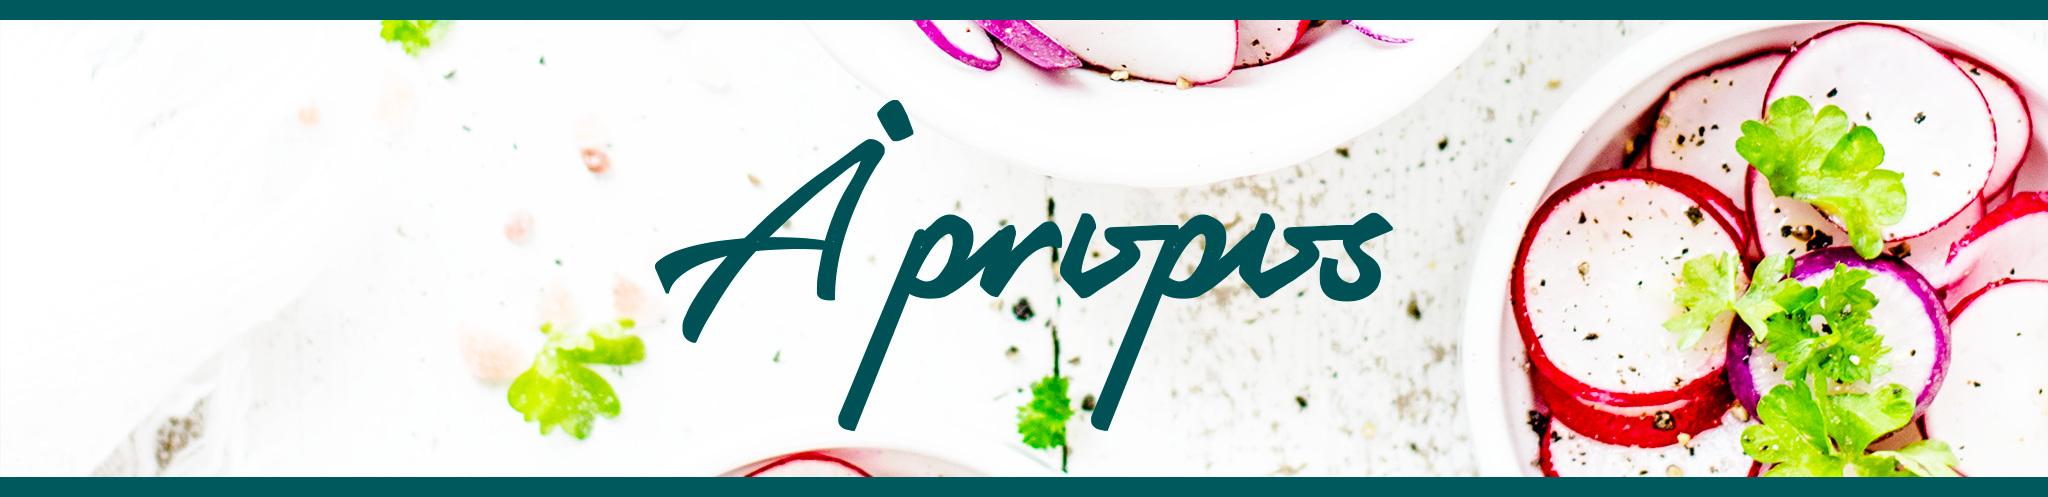 Découvrez l'histoire de Parlapapa